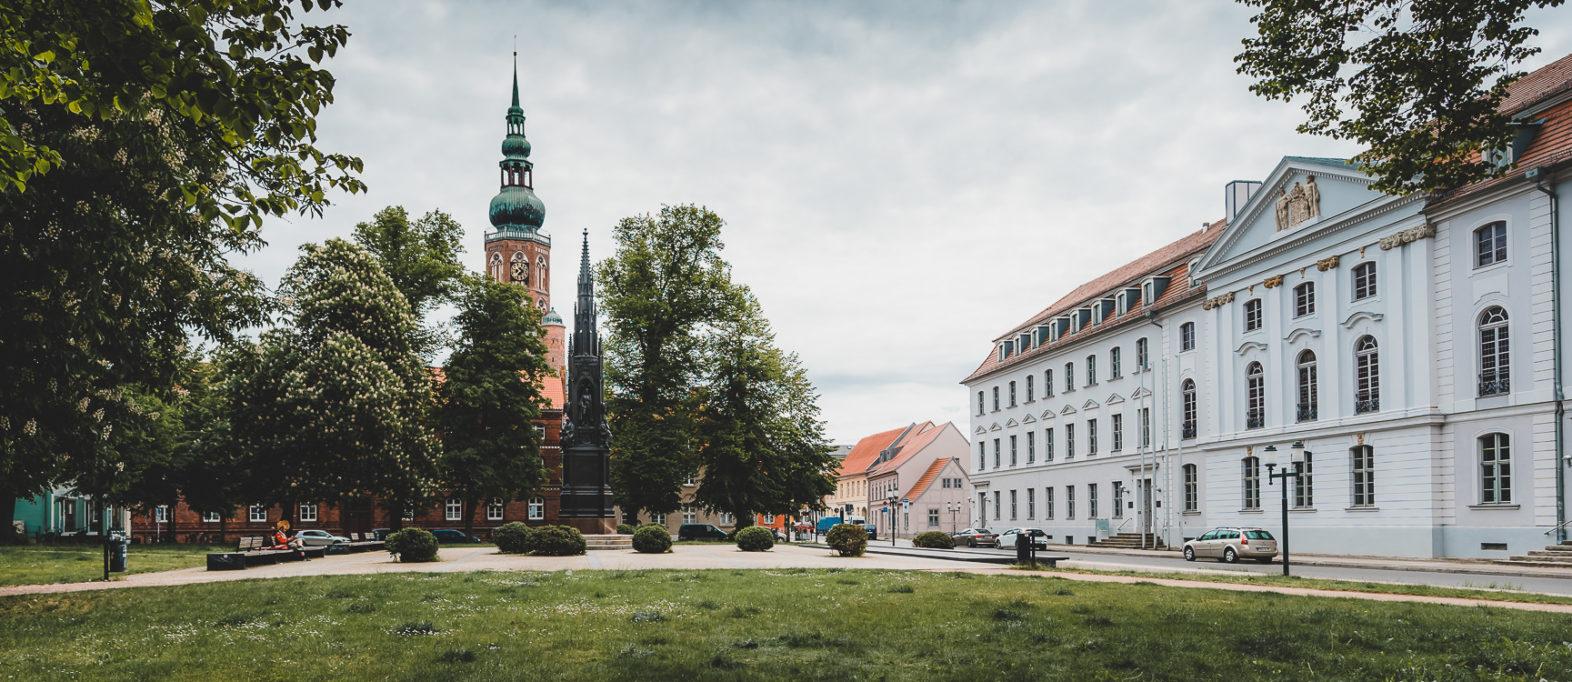 Greifswald Mecklenburg-Vorpommern